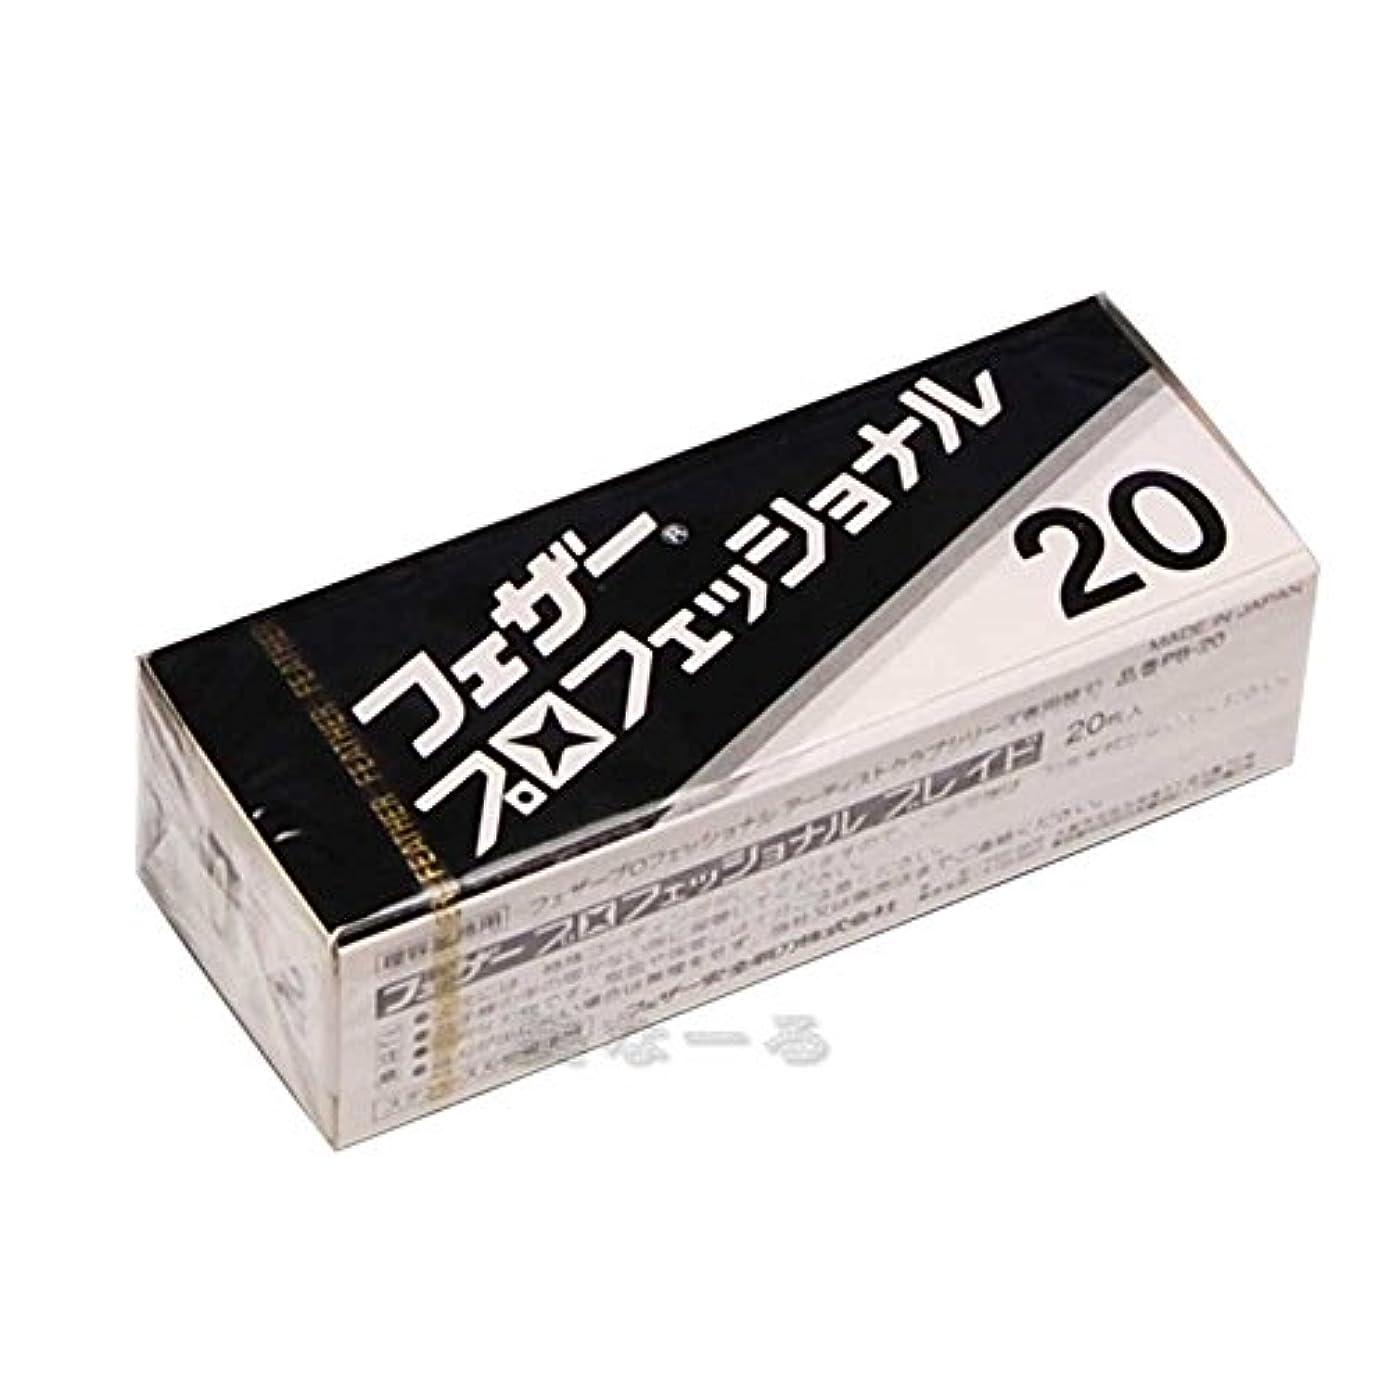 リーダーシップ電化する床フェザー プロフェッショナル ブレイド PB-20 替刃 20枚入